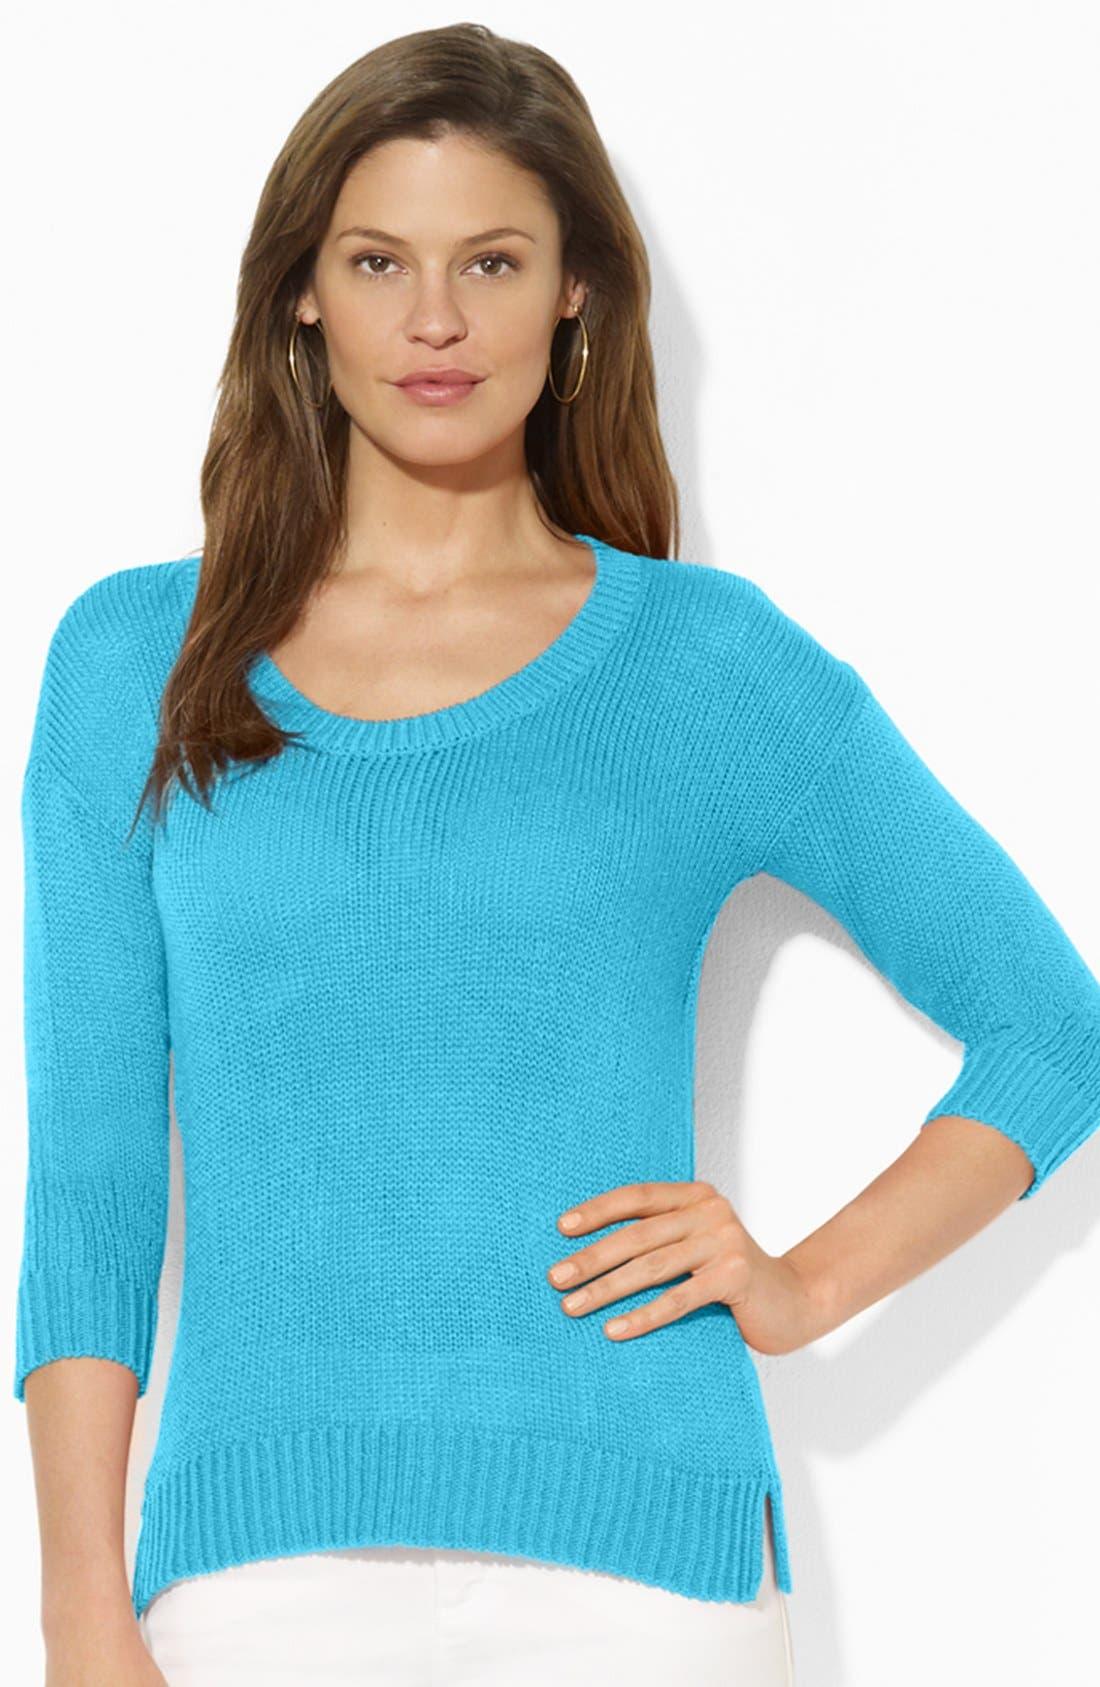 Alternate Image 1 Selected - Lauren Ralph Lauren Scoop Neck Sweater